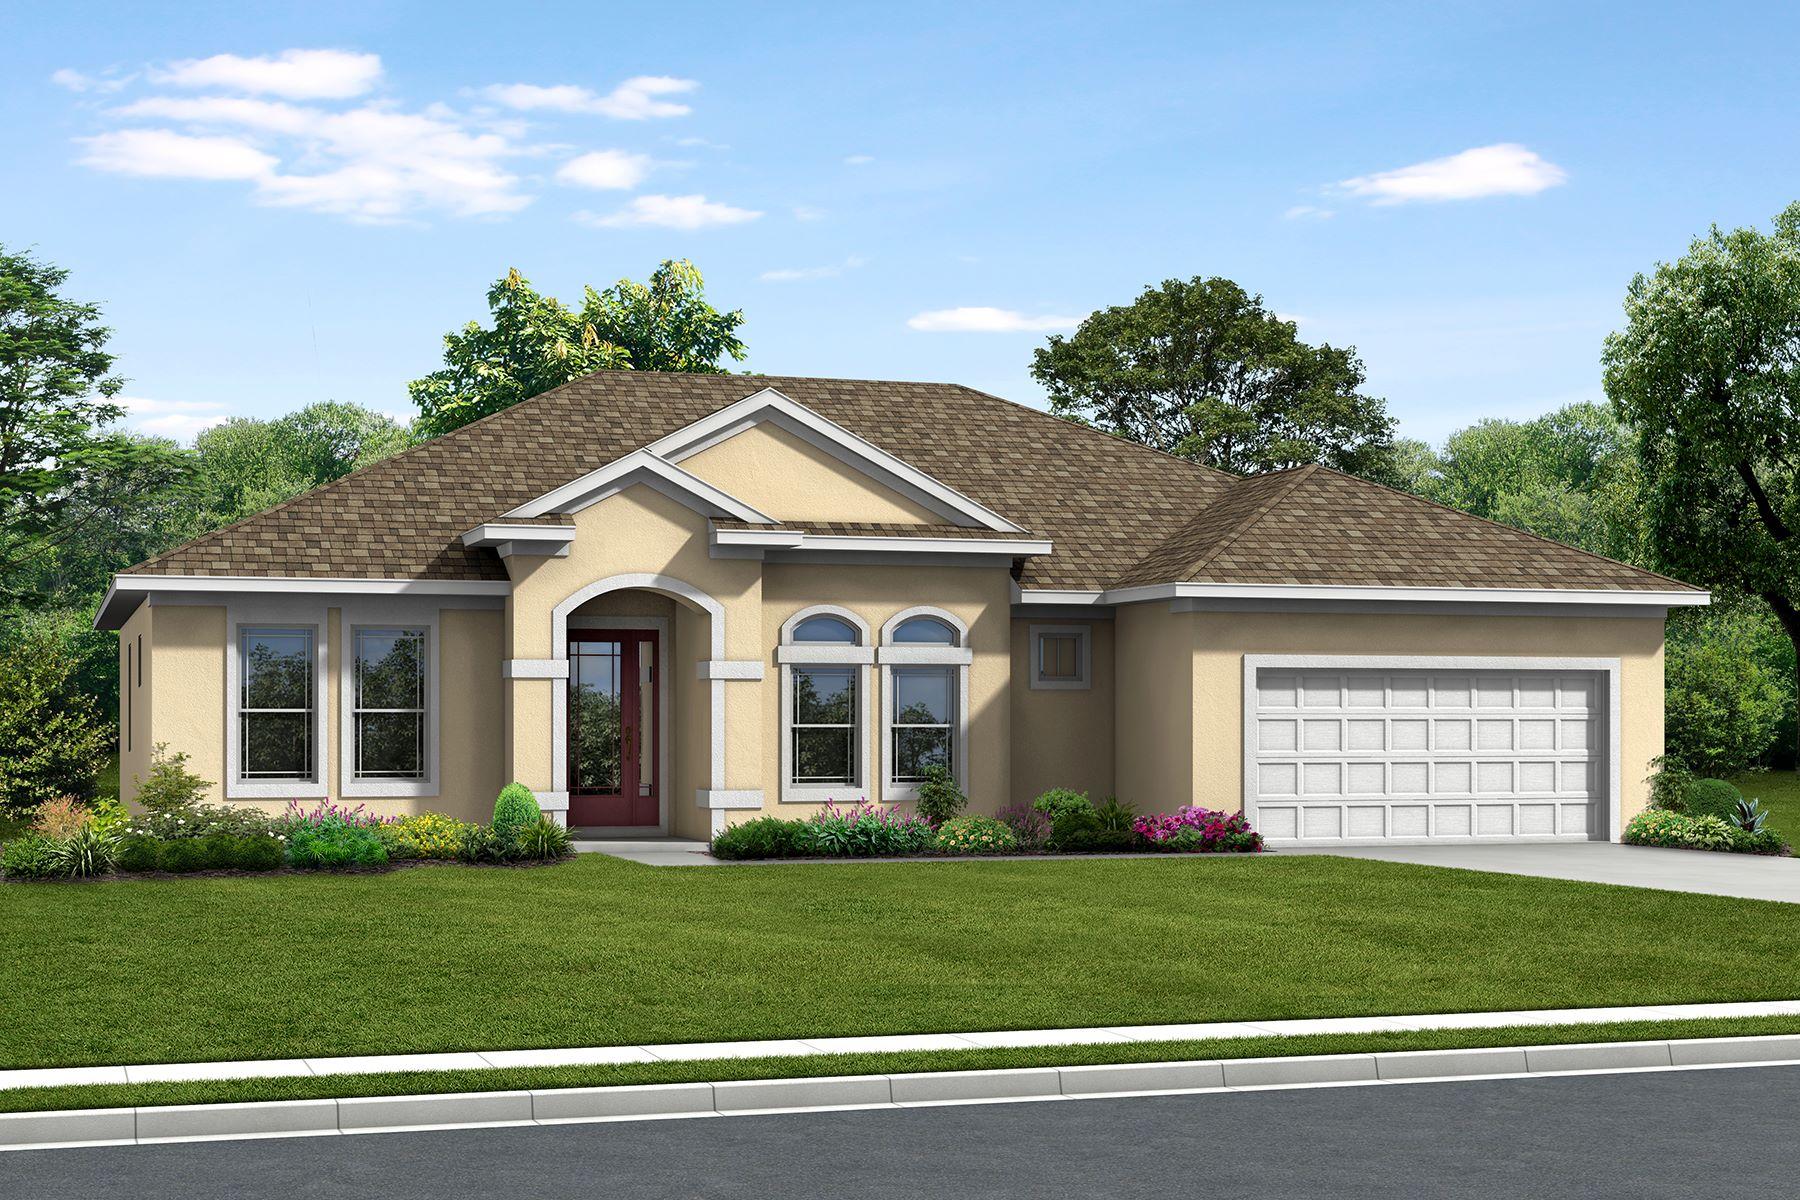 단독 가정 주택 용 매매 에 WINTER PARK 1319 Fountain Hills Ct Winter Park, 플로리다, 32792 미국